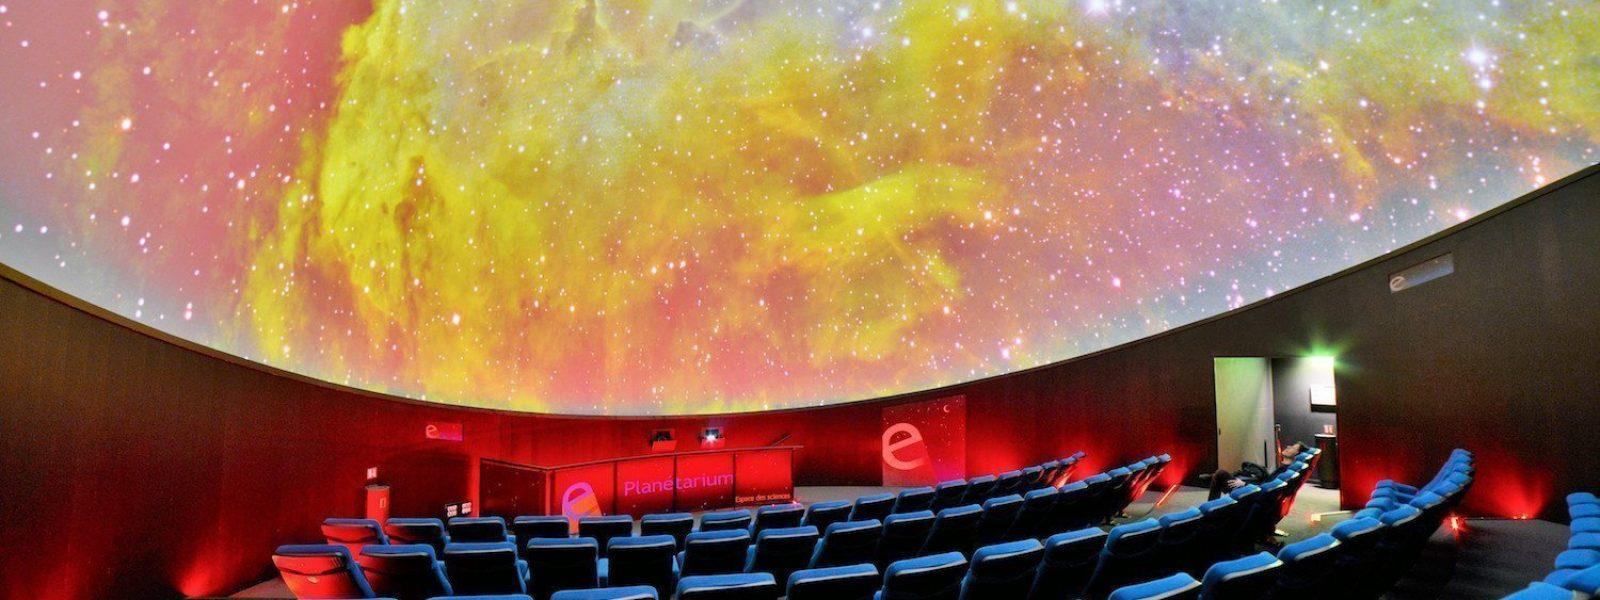 The Planetarium of Rennes